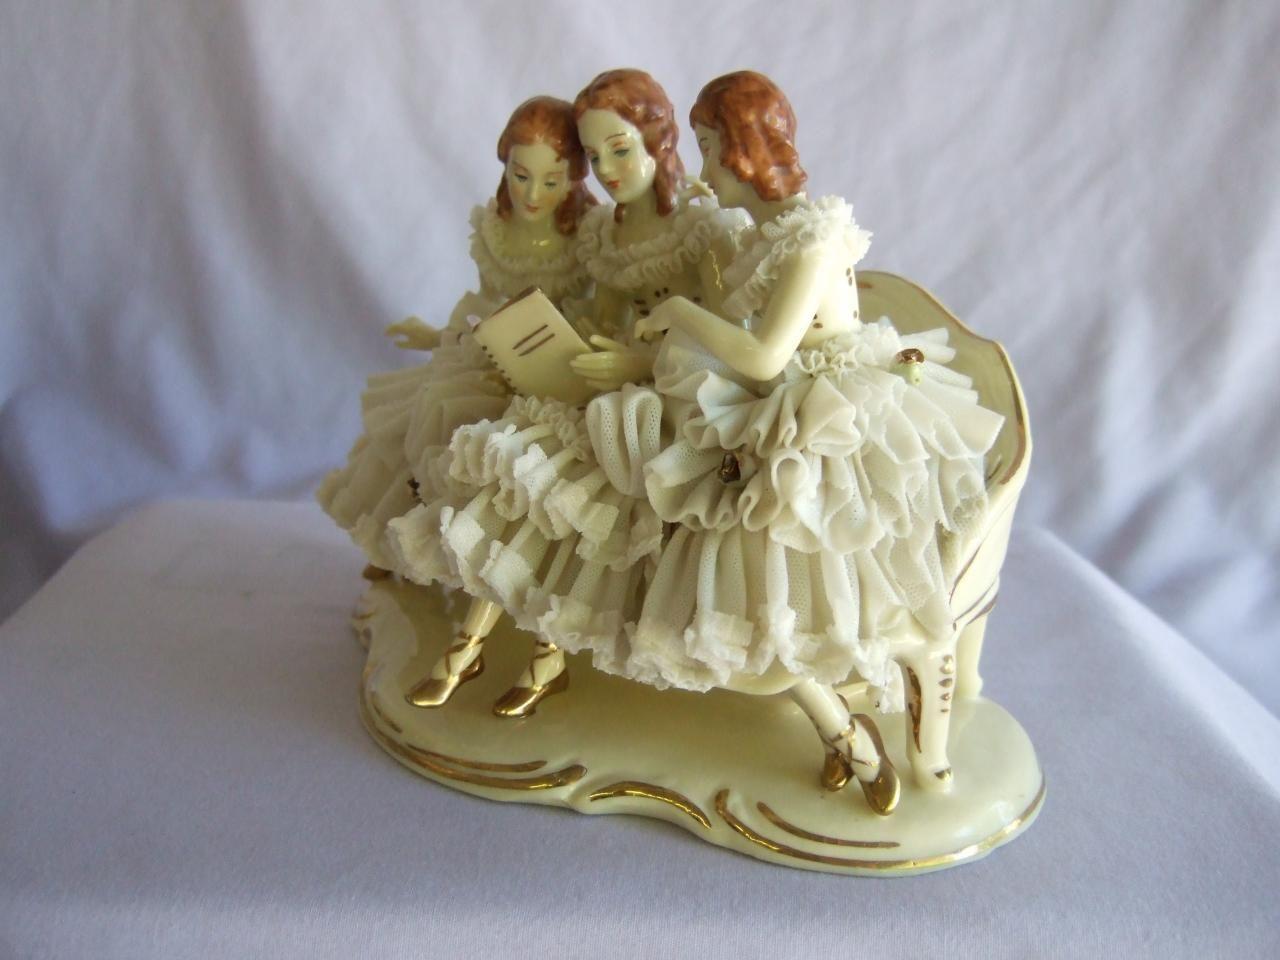 Vintage Dresden Lace Figurine Wilhelm Rittirsch 1950 1974